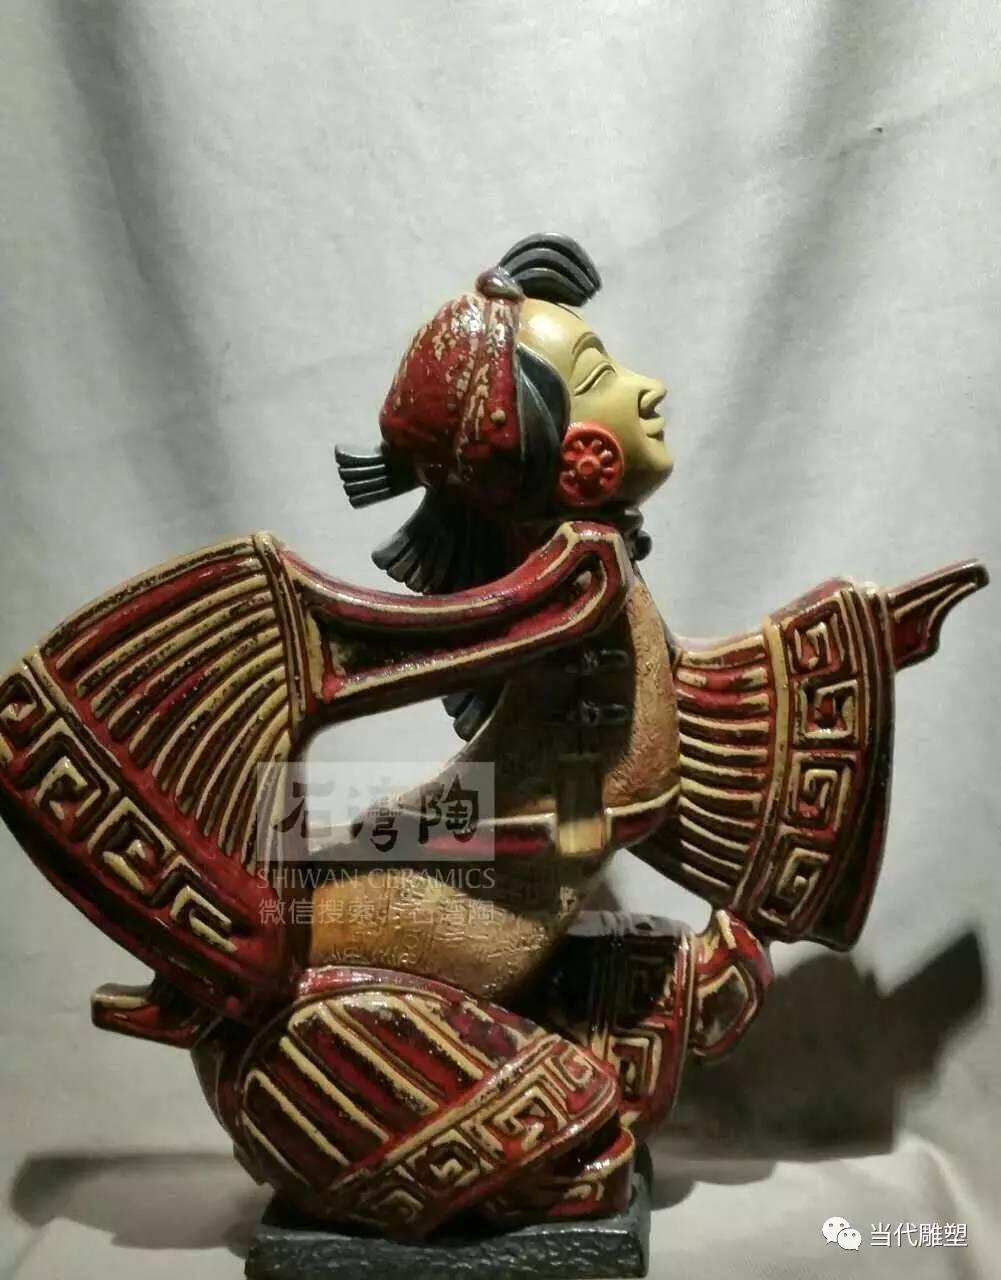 驴皮影陶瓷雕塑